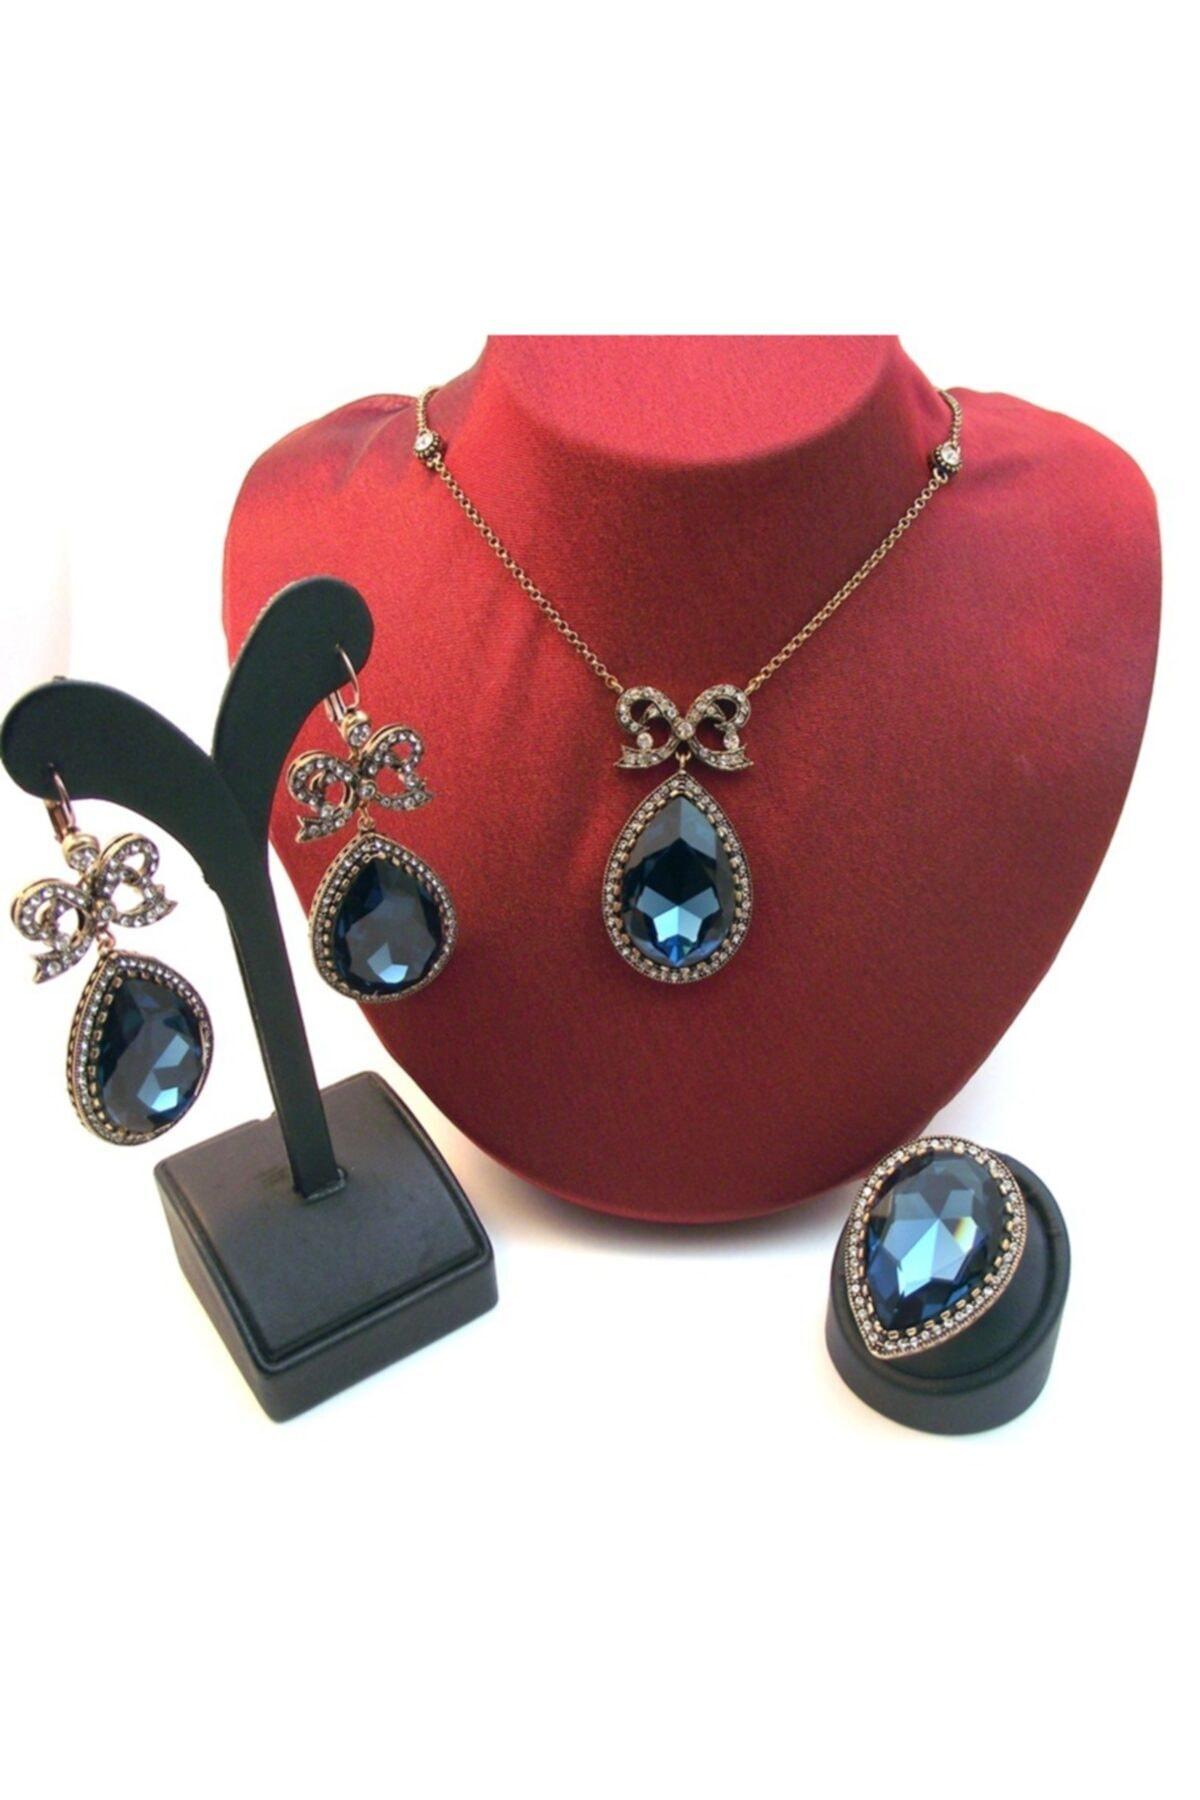 مجوهرات الأزياء النسائية لون الذهب هيرريم الياقوت الأزرق الداكن بالتنقيط الماس المونتور مجموعات 890